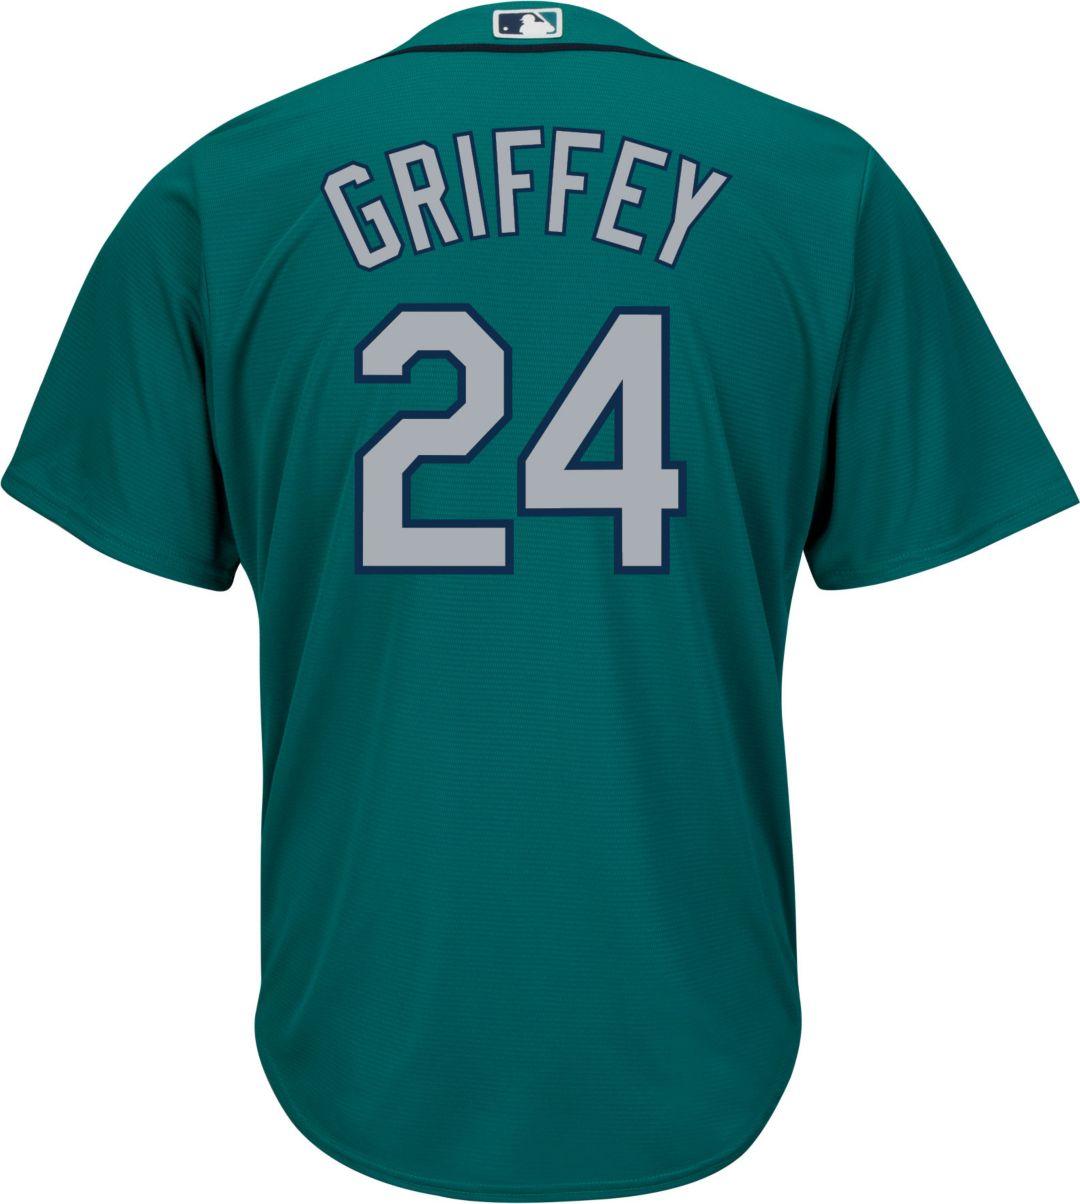 341d92124e Majestic Men's Replica Seattle Mariners Ken Griffey Jr. #24 Cool Base  Alternate Teal Jersey